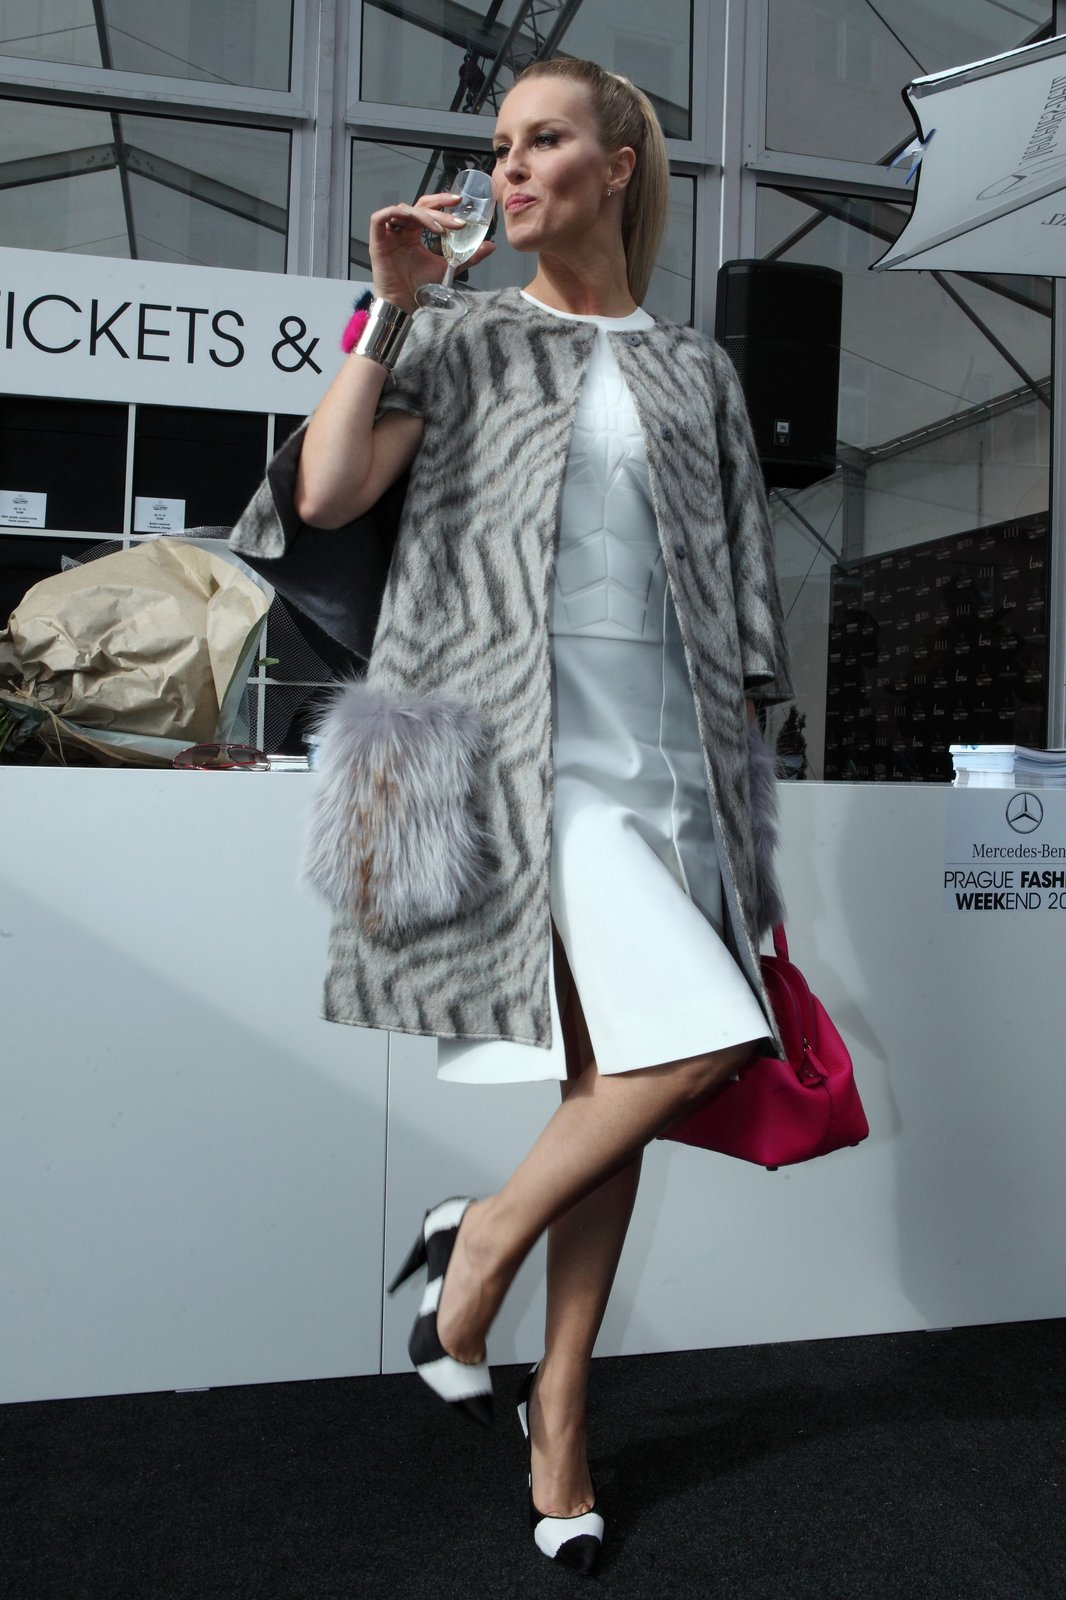 Simona Krainová: Šaty s reliéfním vlysem. Vlněný pláštík s tříčtvrtečními rukávy a efektní kožešinou na nakládaných kapsách. Glamour etuda na fúzi černé s bílou s dotyky růžové. Ukázka lady stylu konkurující eleganci Audery Hepburn a legendě snídaně u Tiffanyho.